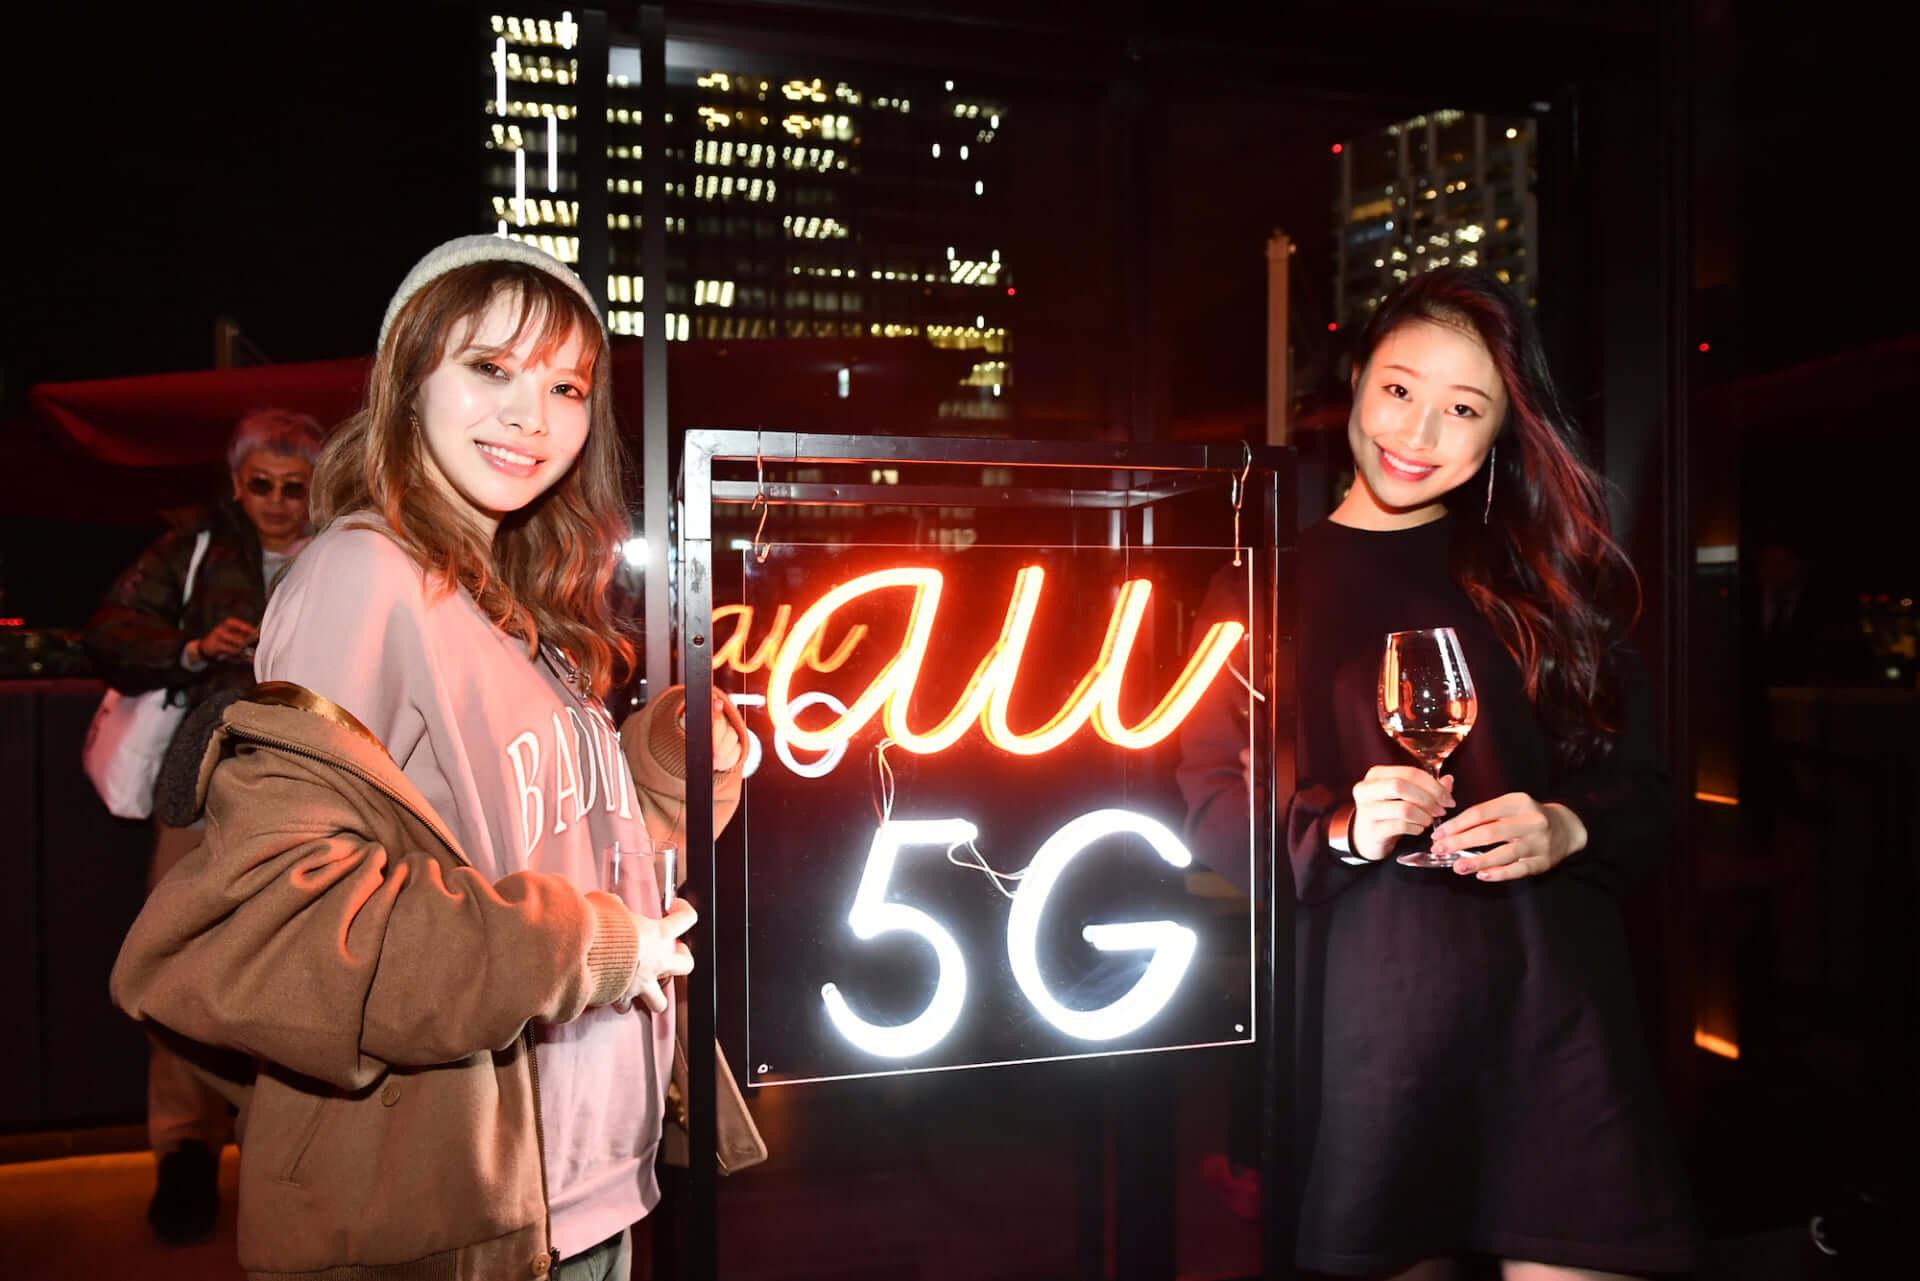 渋谷が5G×エンタメで盛り上がる!「渋谷5Gエンターテイメントプロジェクト」始動|キックオフパーティーにダレン・エマーソン、Licaxxxら登場 music200128_5g_0500-1920x1281